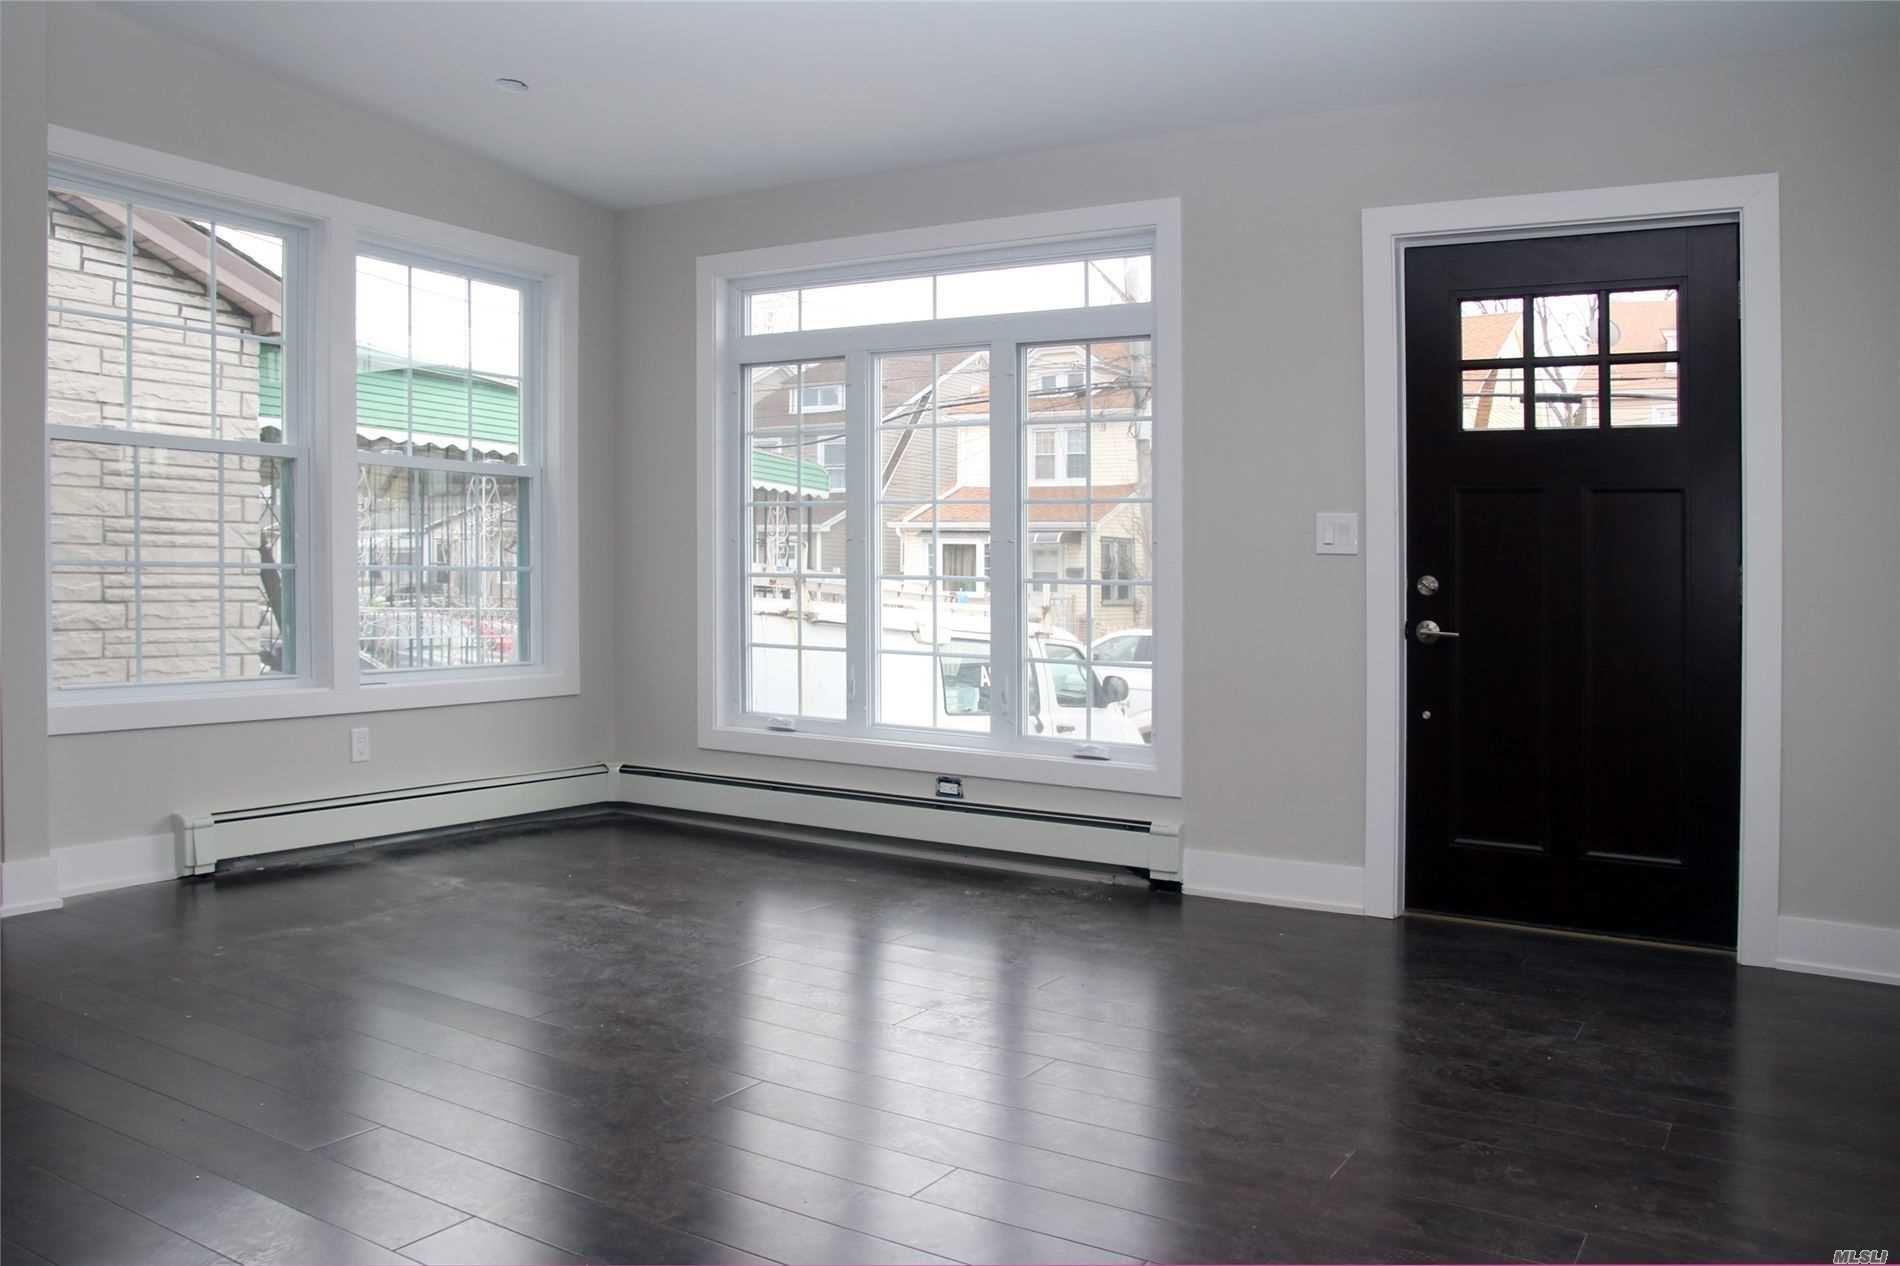 110-33 207 Street, Queens Village, NY 11429 - MLS#: 3207838